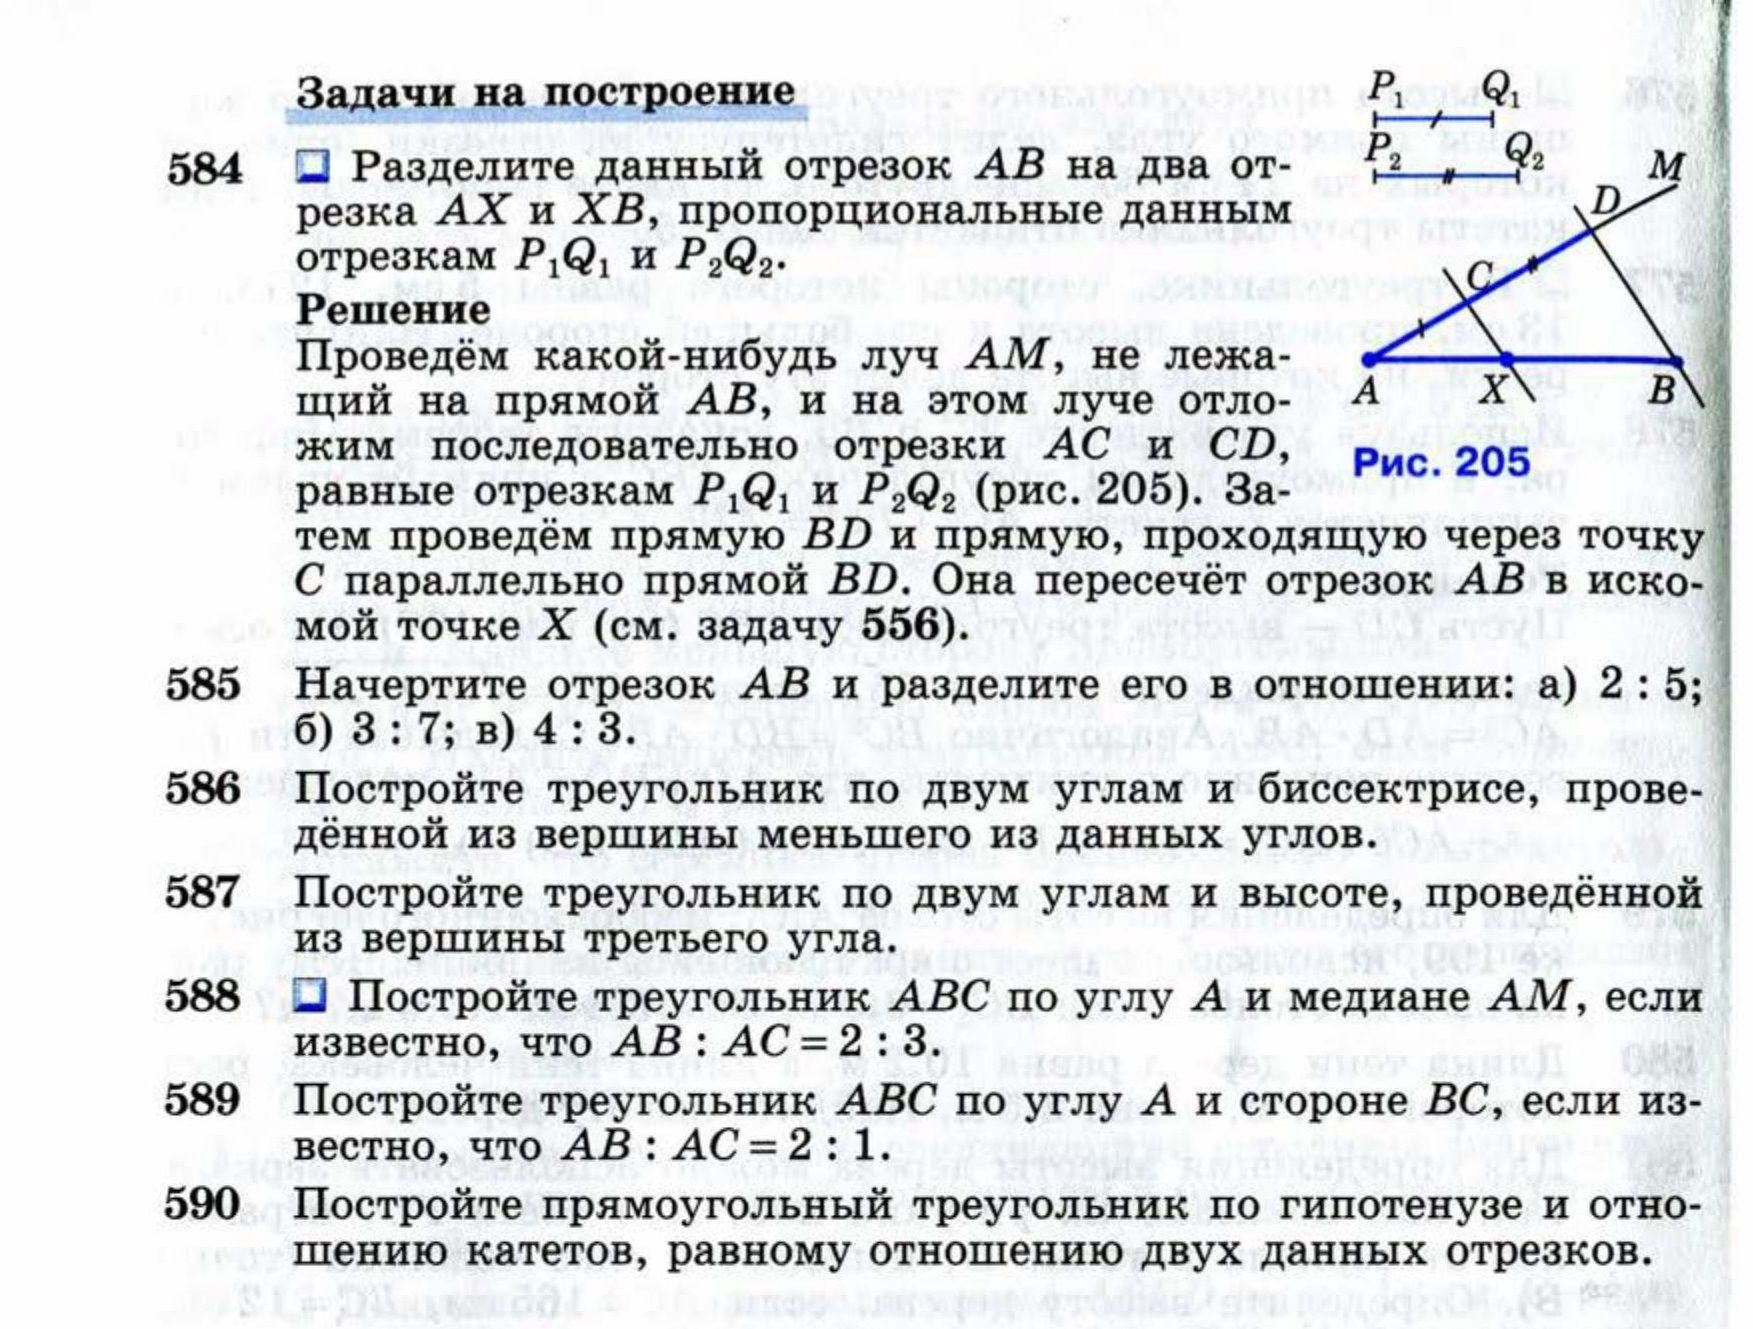 гдз по физике онлайн 10класс тихомирова яворский